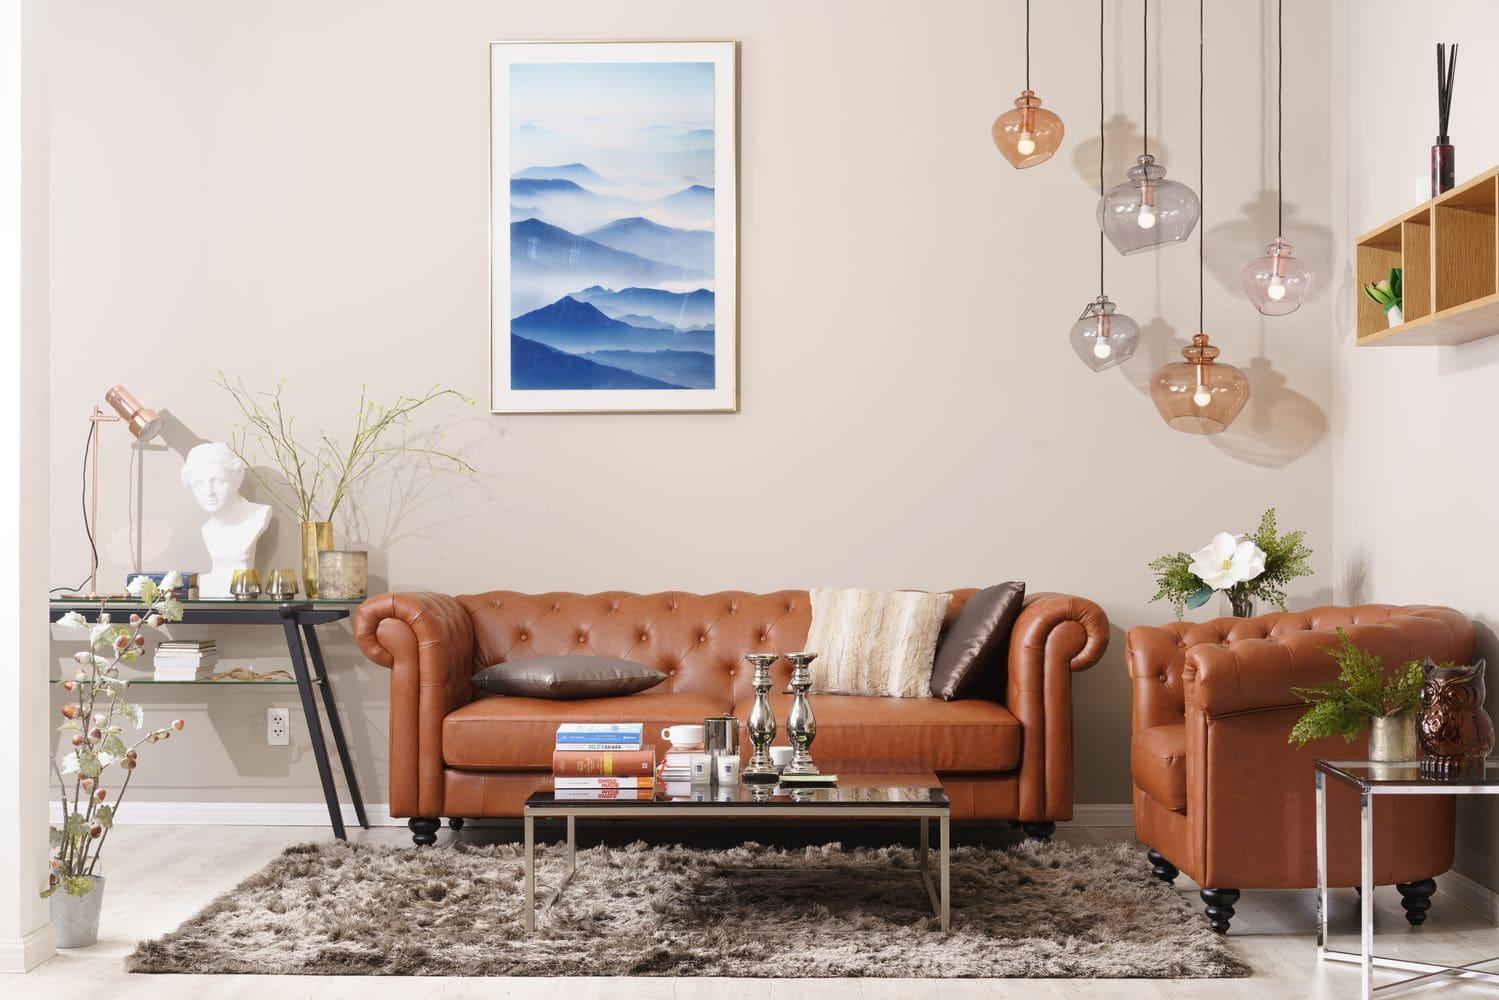 sofa 3 cho25 min - Top 10 Ghế Sofa 3 Chỗ Đáng Mua Nhất Hiện Nay Phù Hợp Với Mọi Gia Đình